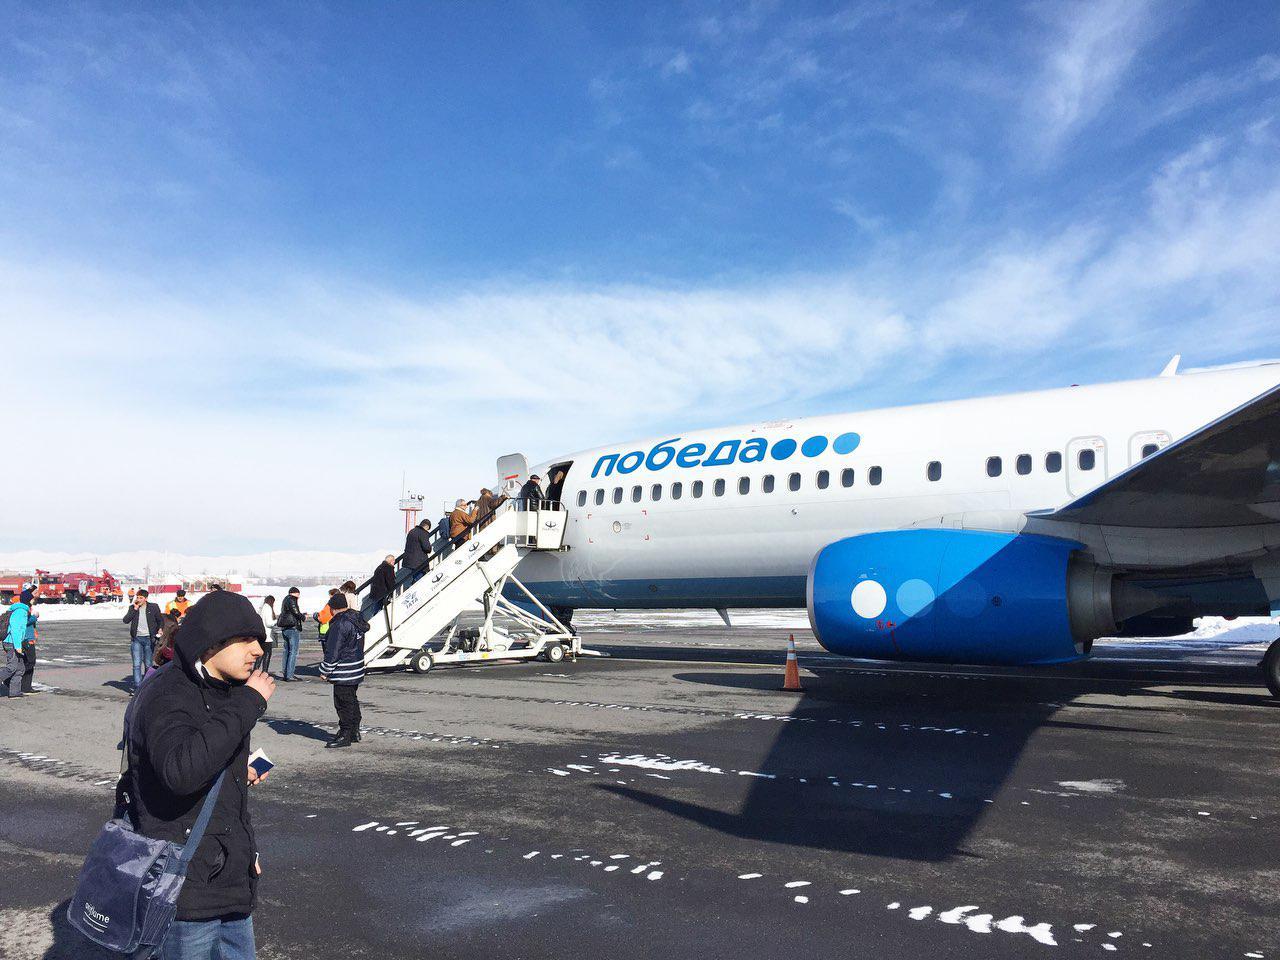 Авиакомпания «Победа» может ввести плату за стаканчики в размере 5 рублей